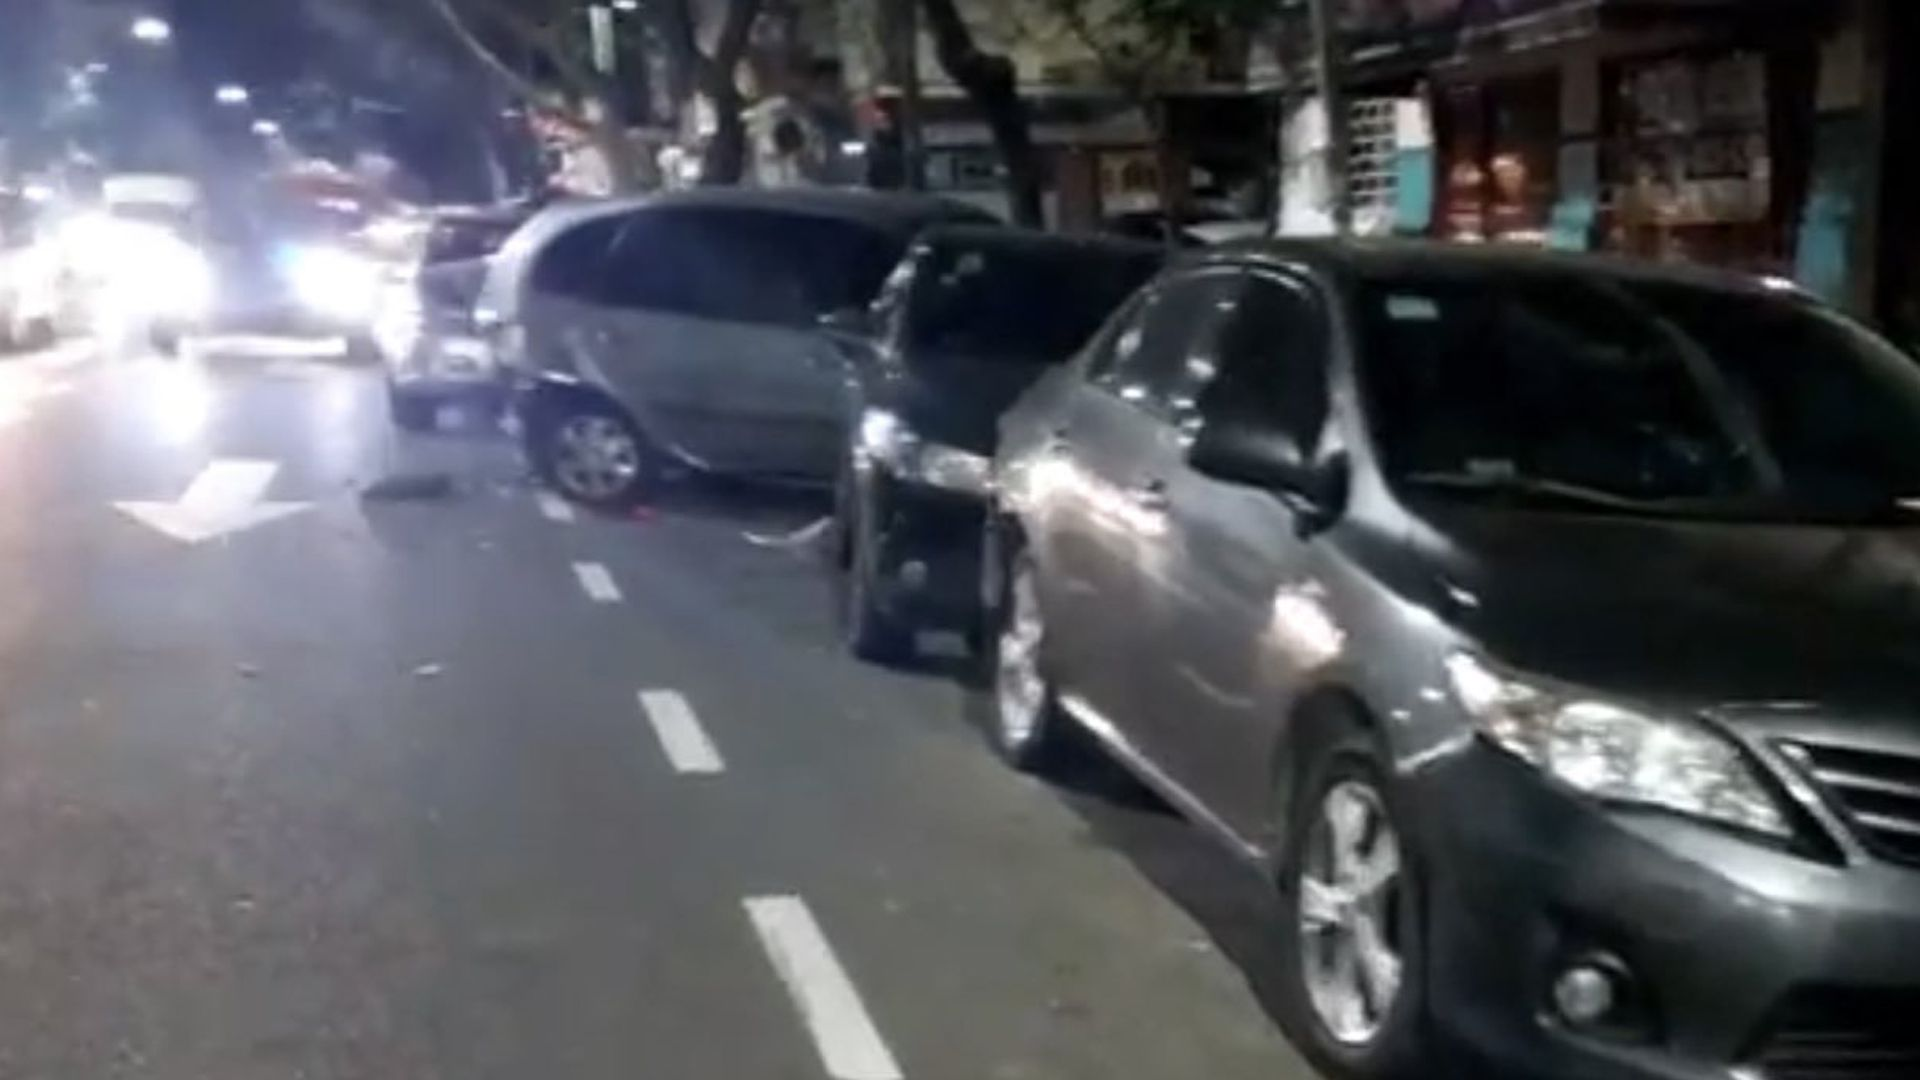 Uno de los autos estacionados chocados quedó subido a la vereda(@jotaleonetti)